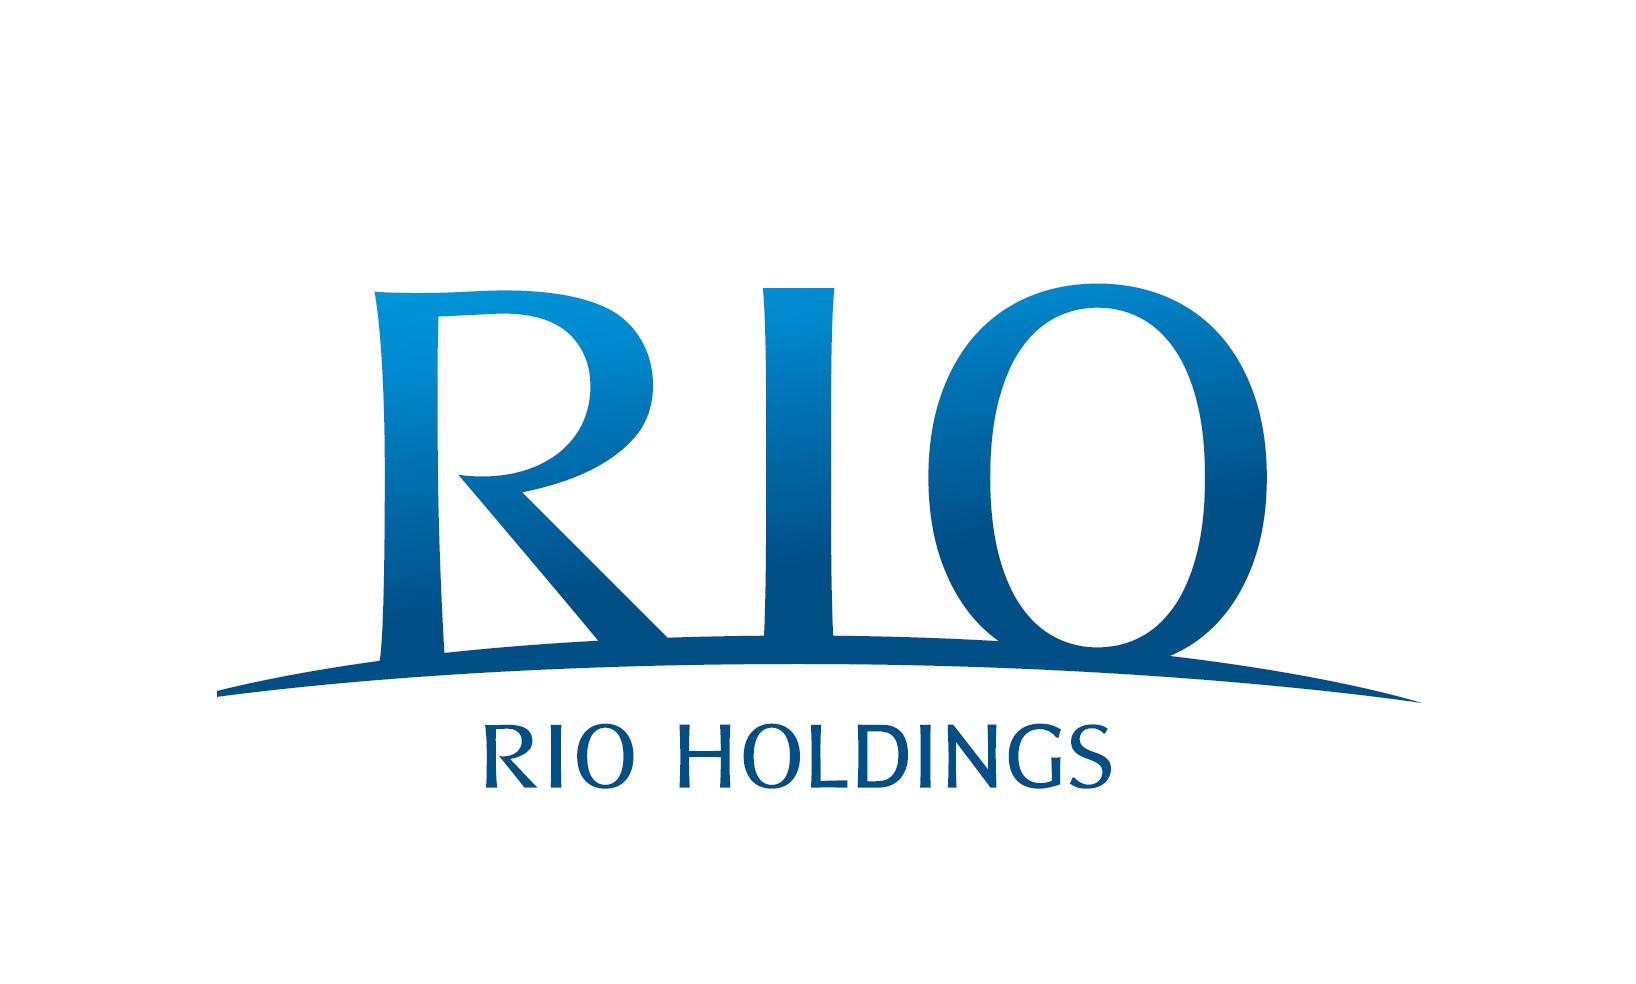 リオ・ホールディングスロゴ